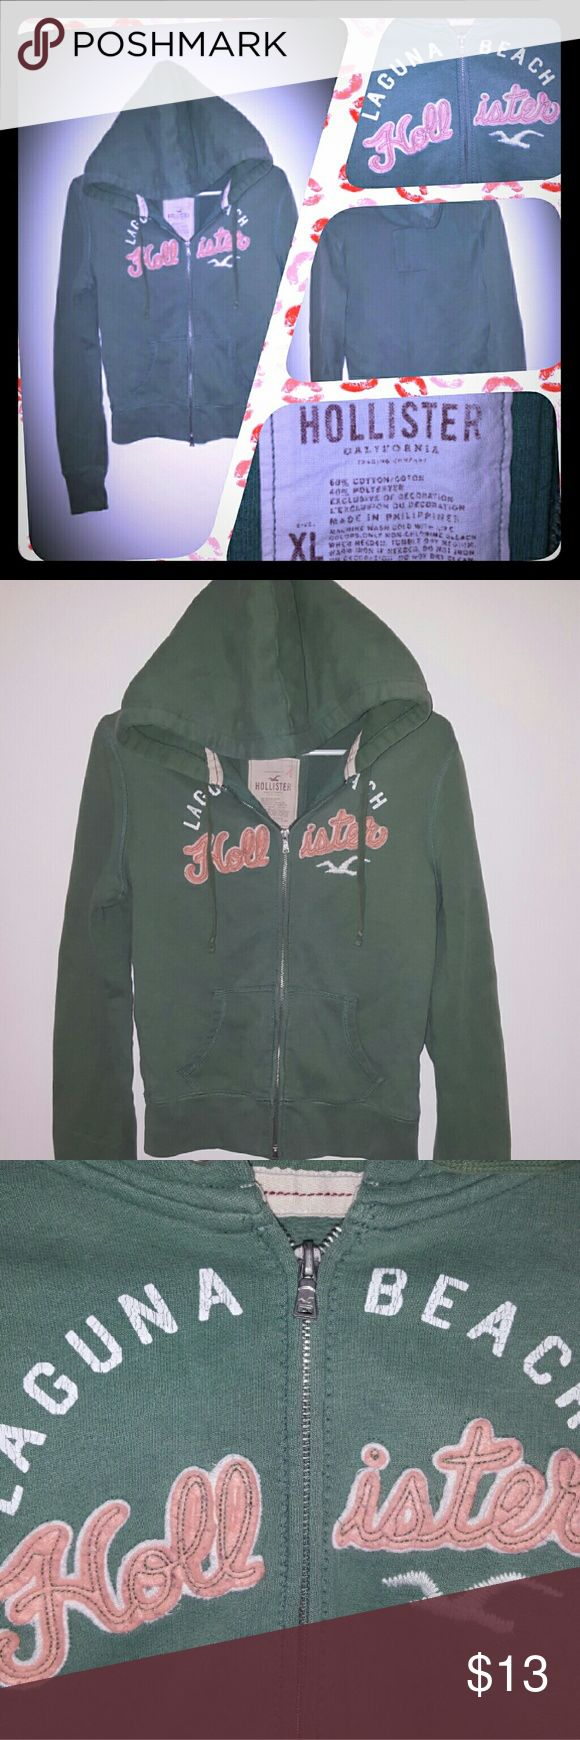 Hollister jacket Jouniors XL green Hollister jacket. As seen. Very nice.all offers welcomed. Hollister Jackets & Coats